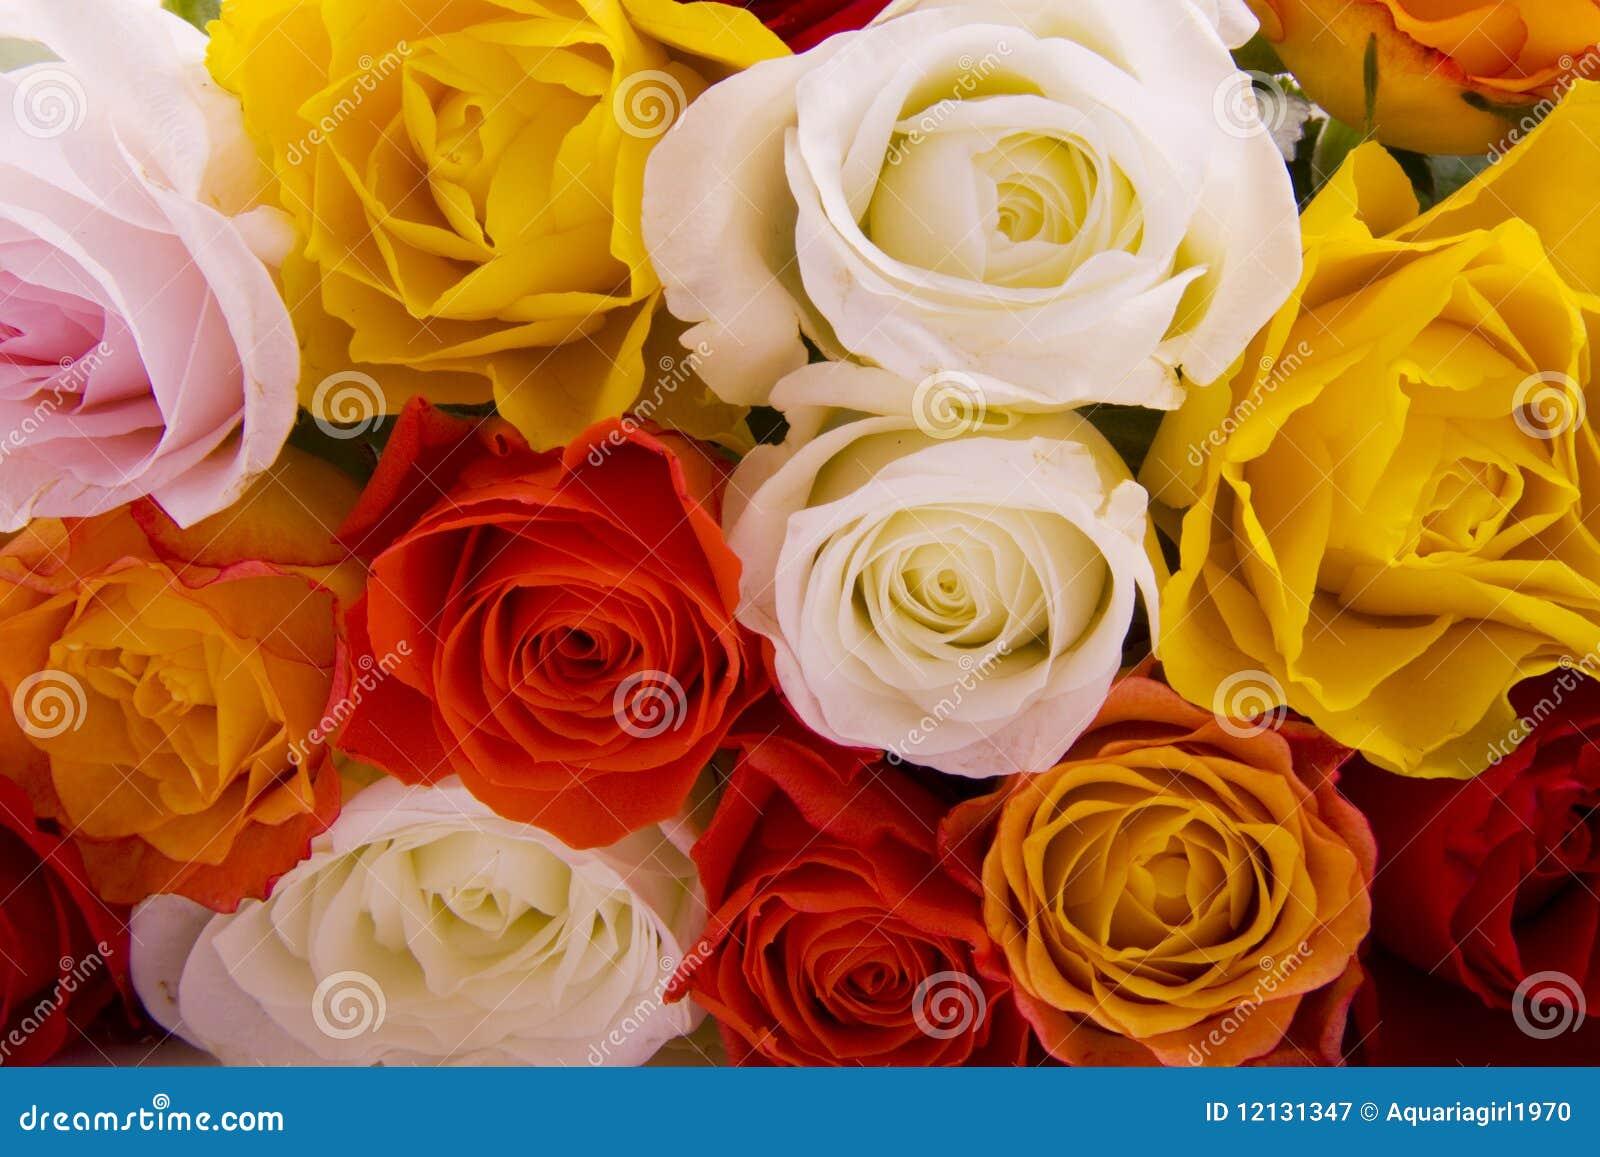 Veel rozen